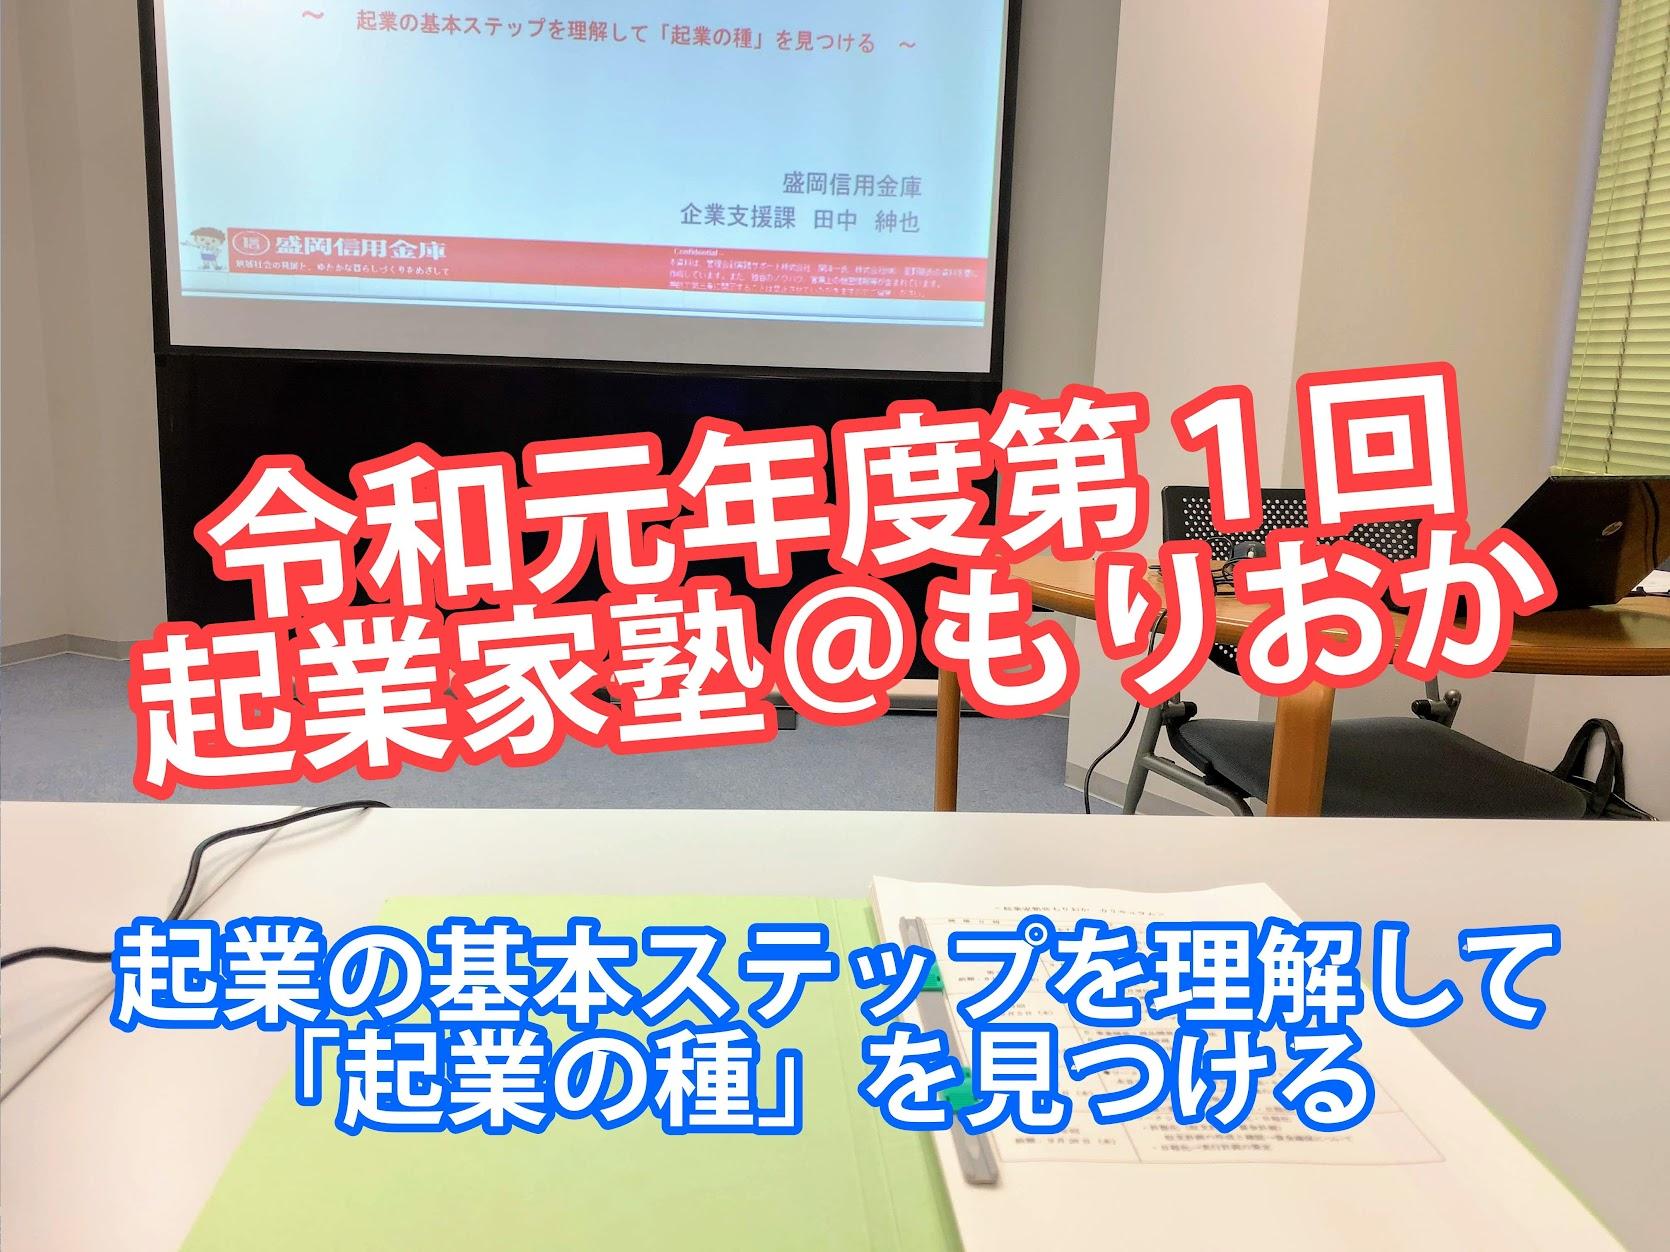 令和元年度 第1回 起業家塾@もりおか 第4講